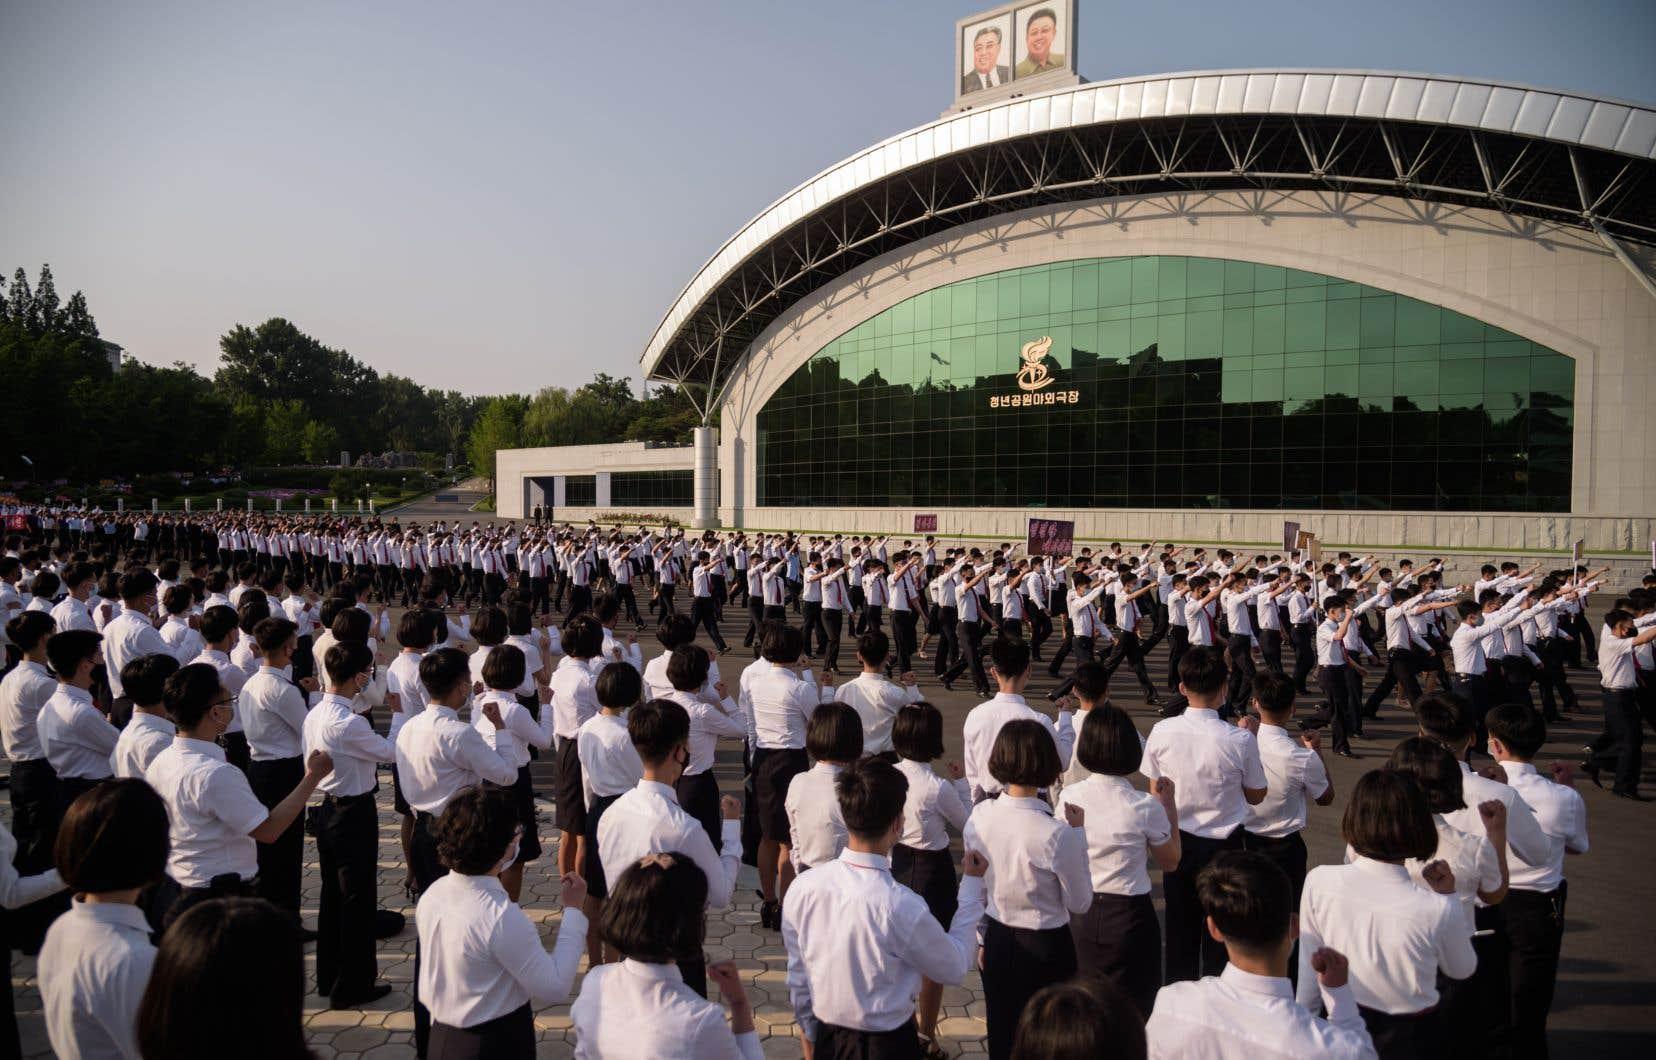 Les autorités nord-coréennes ont organisé des rassemblements de grande ampleur à travers le pays à l'appui de leurs menaces.